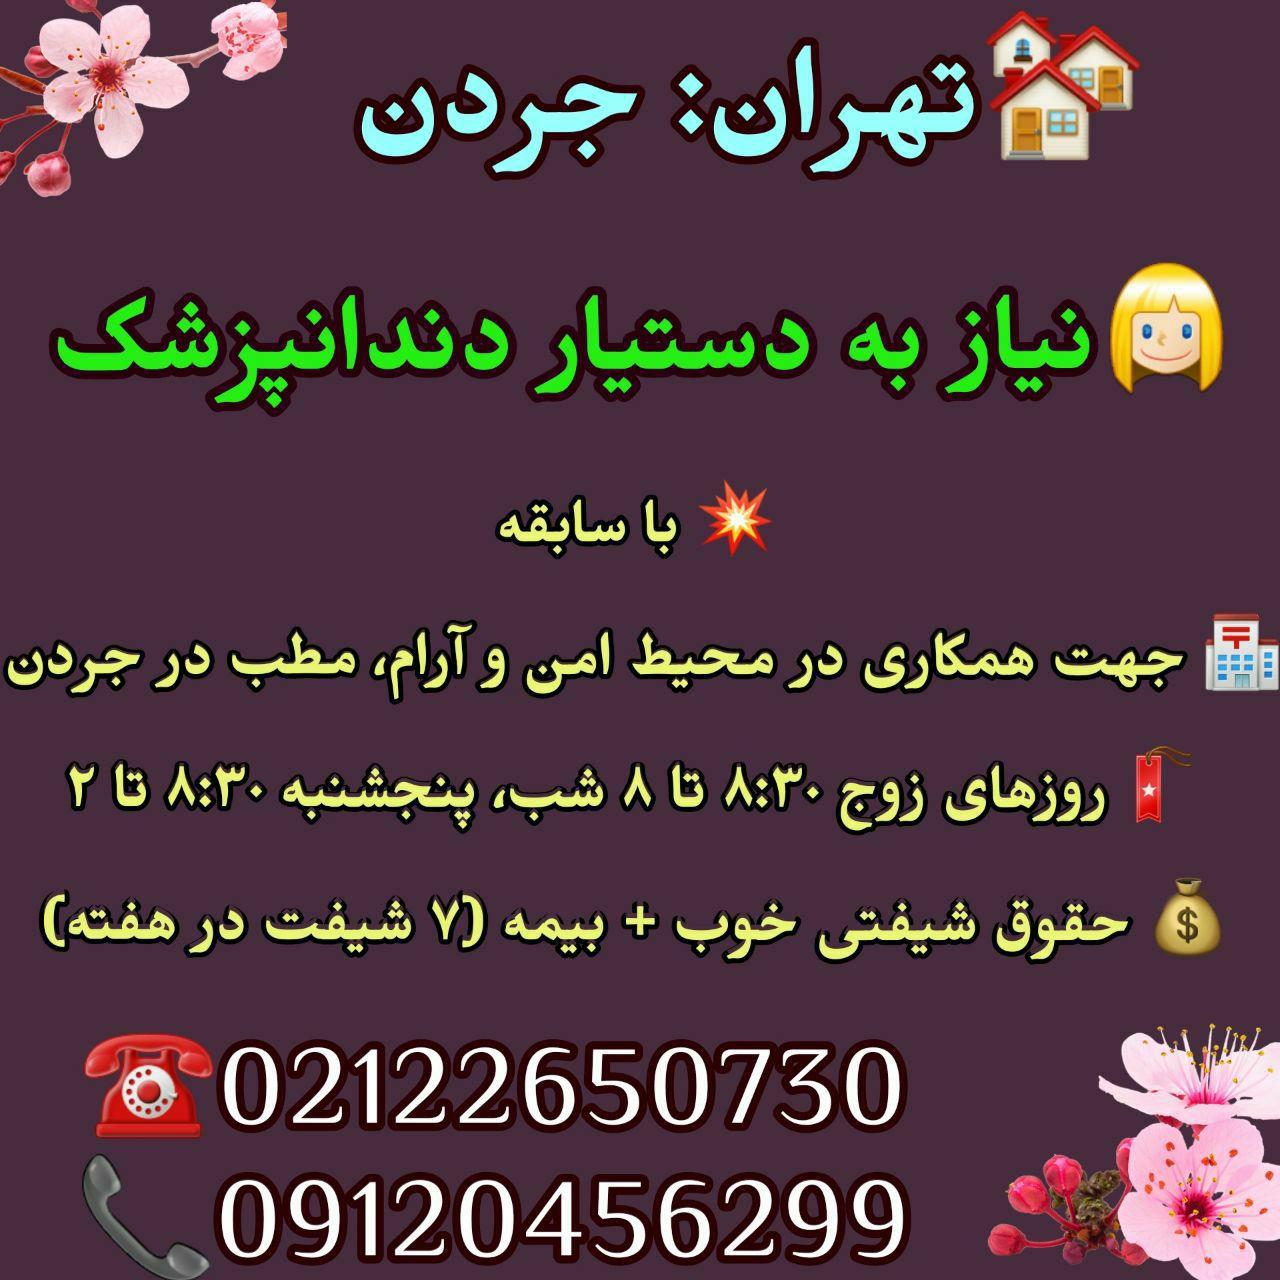 تهران: جردن